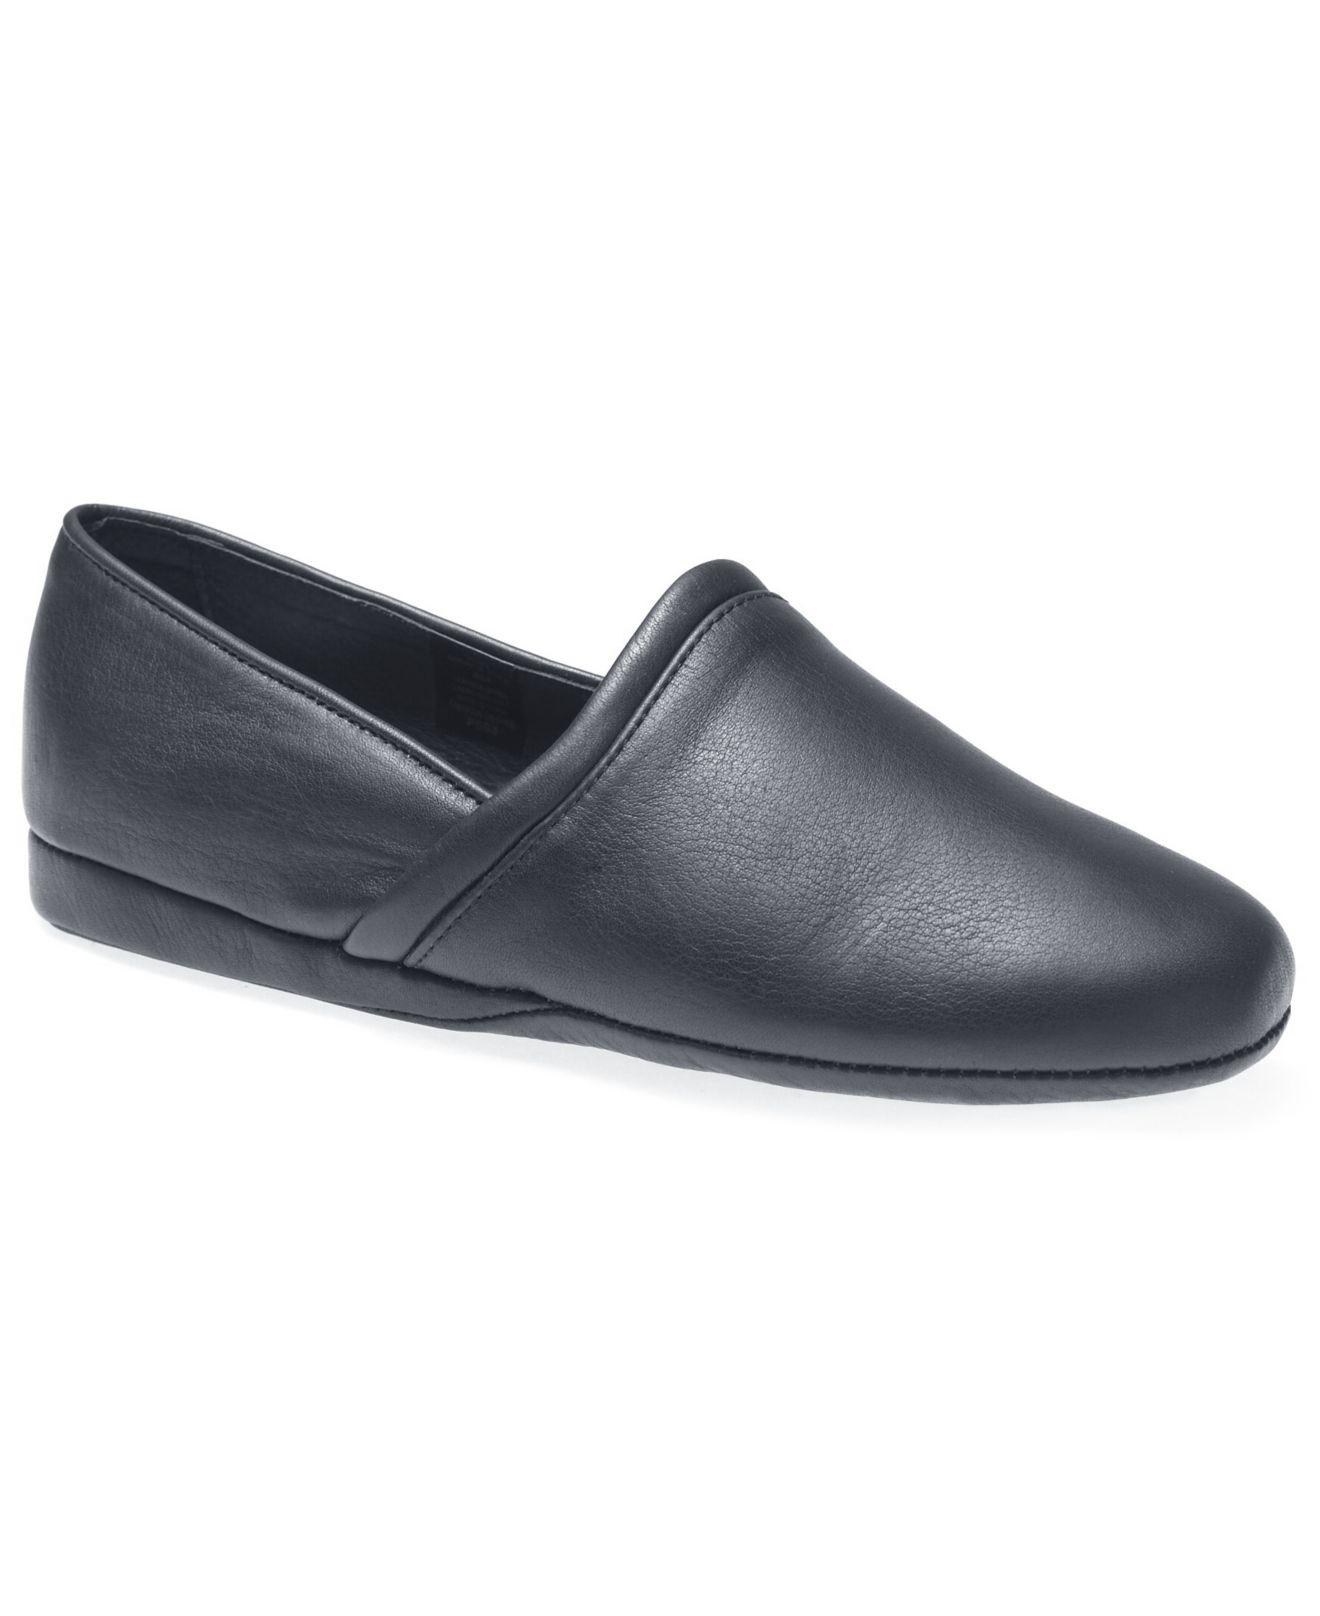 L.B. Evans Mens Roderic Black Leather Slip-On Slippers 11